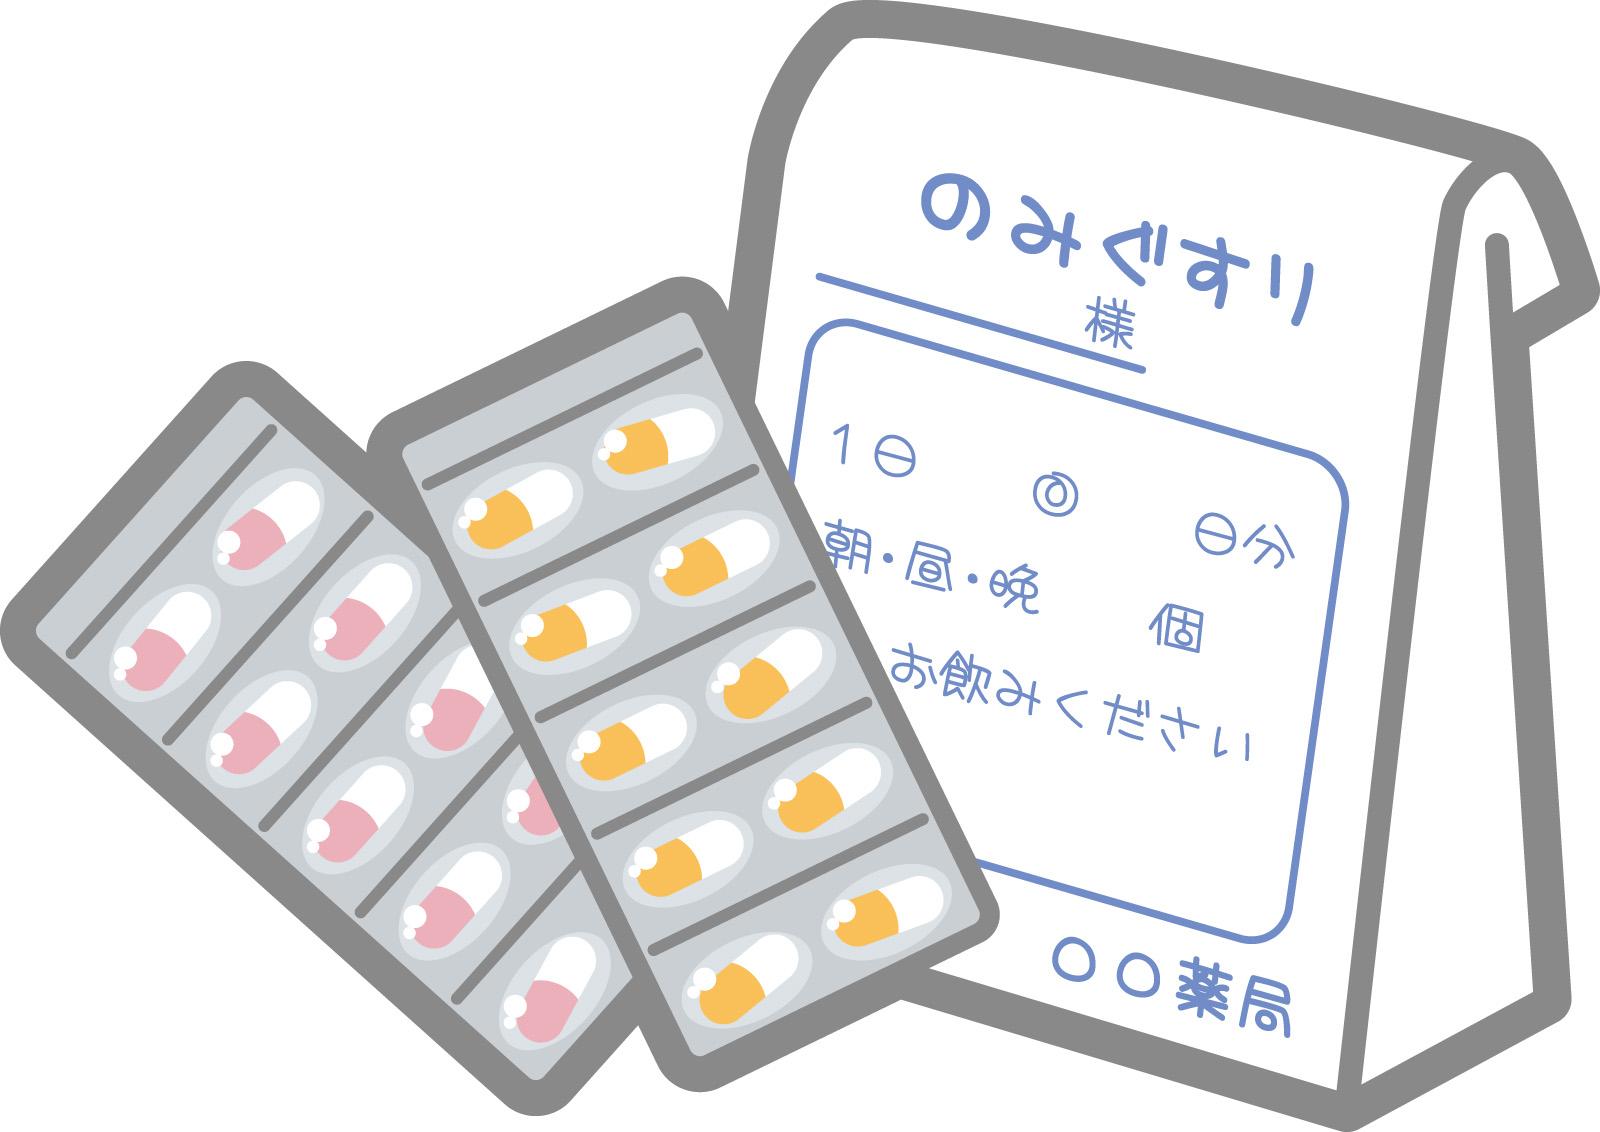 誤診による投薬で副作用。大学生になってやっと発達障害と診断